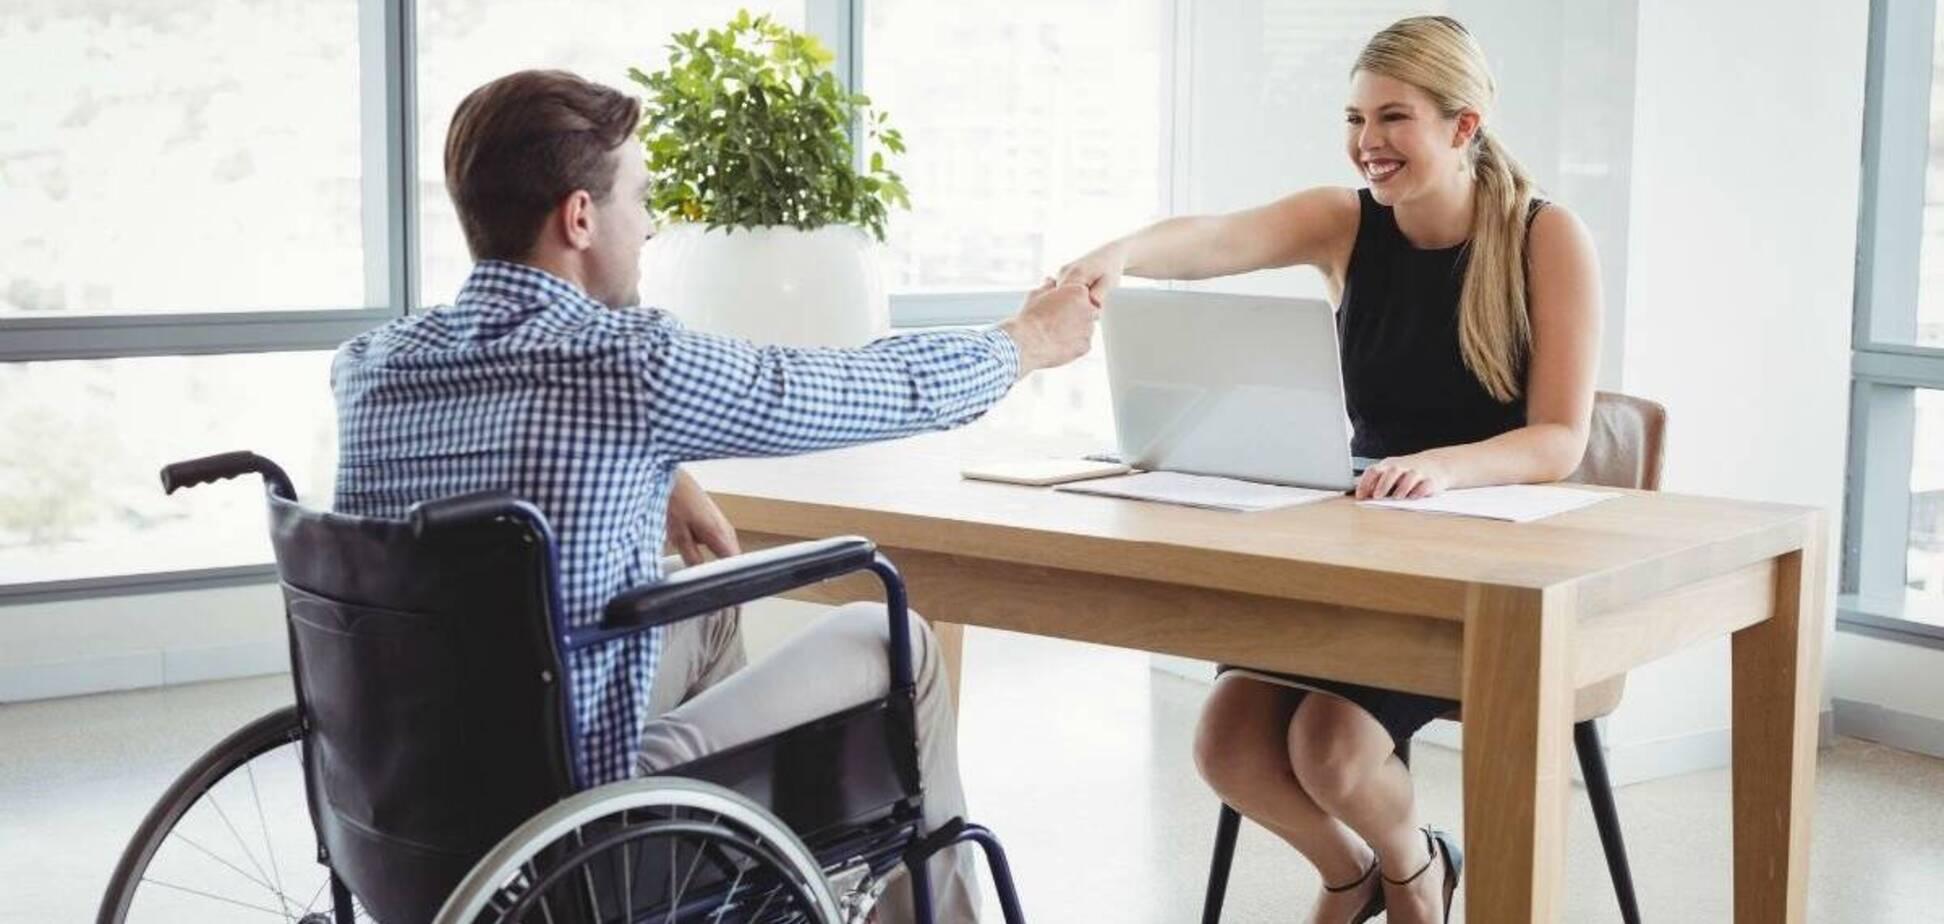 ТОП вакансий для людей с инвалидностью в Днепре